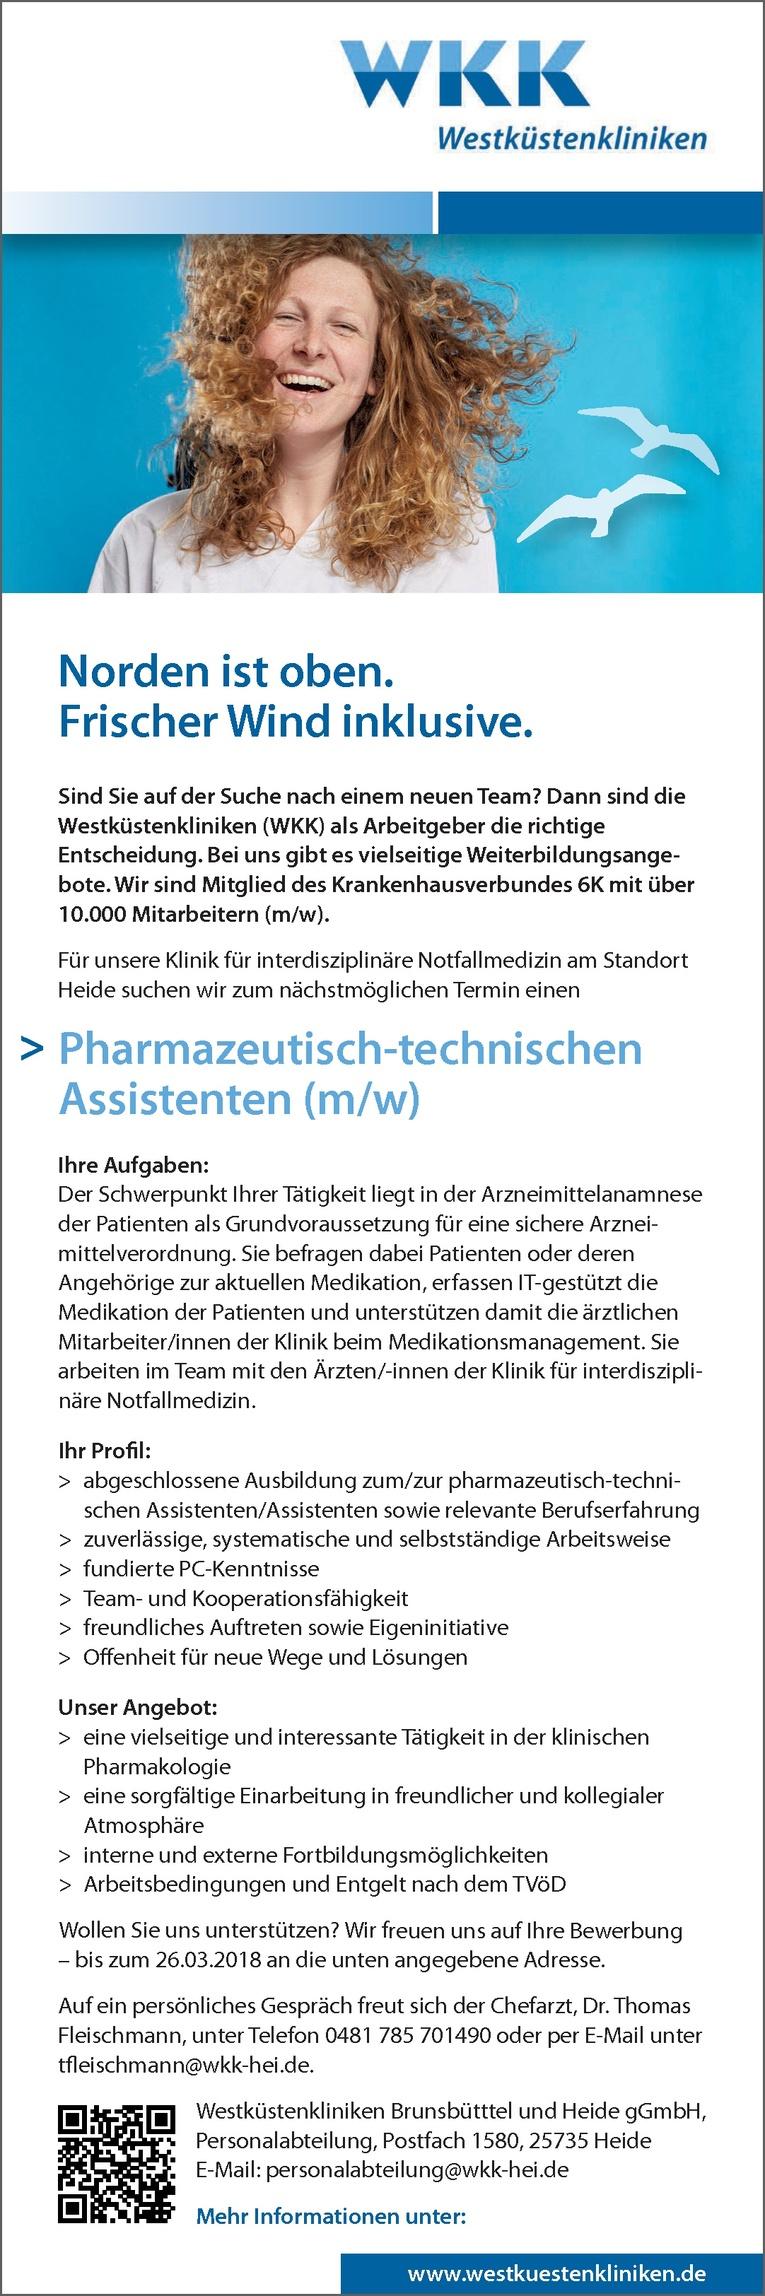 Pharmazeutisch-technischen Assistenten (m/w)